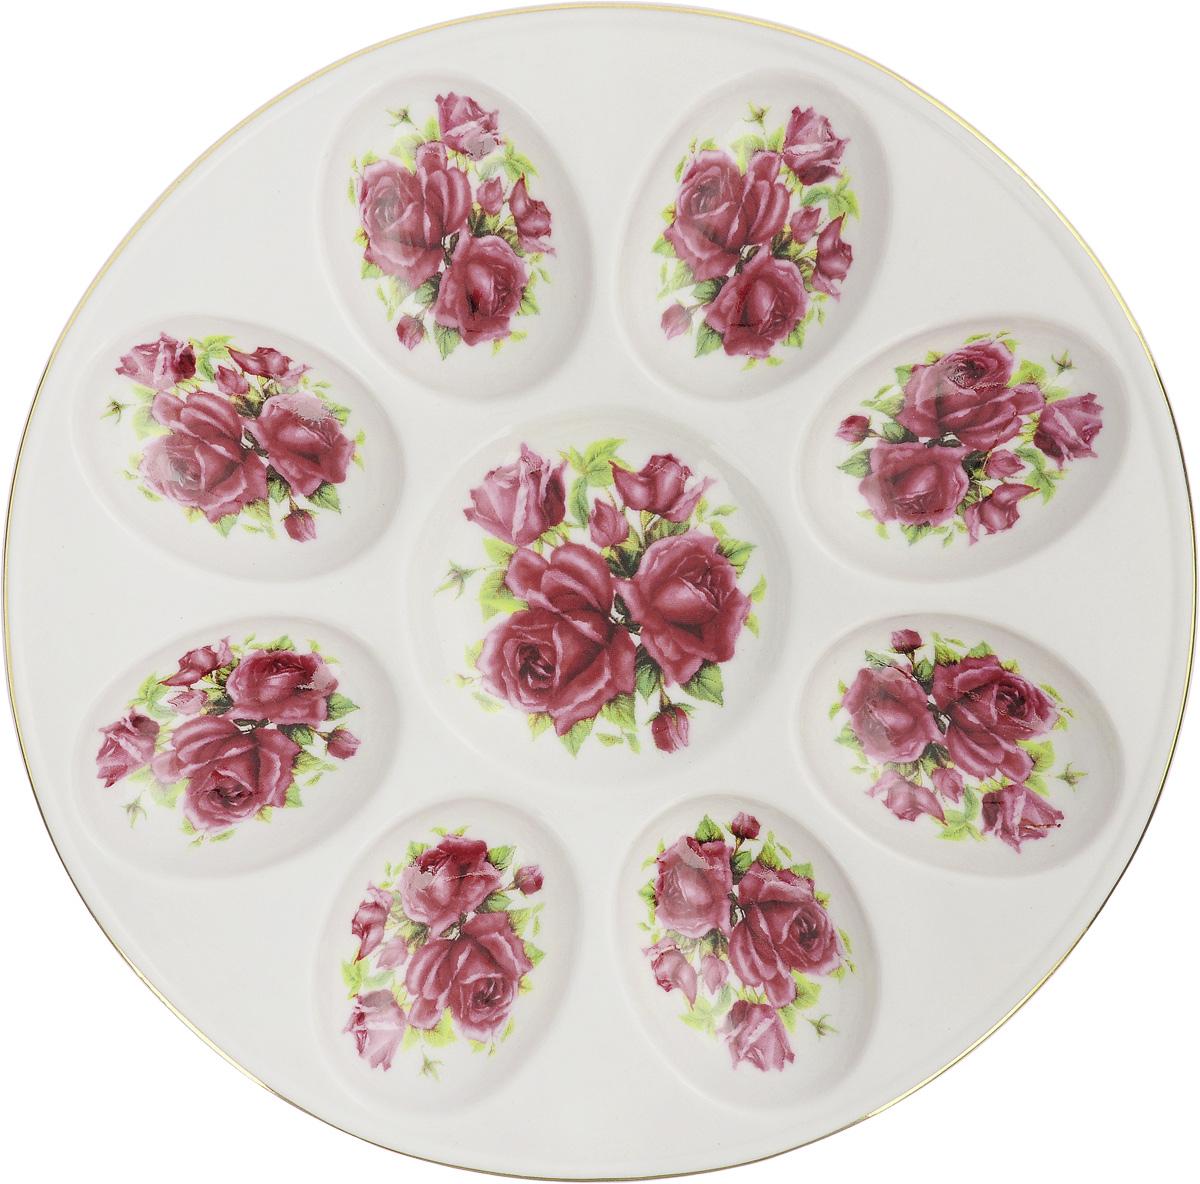 Тарелка для фаршированных яиц Patricia Розы, диаметр 20 смVT-1520(SR)Тарелка для фаршированных яиц Patricia Розы, изготовленная из высококачественного фарфора, украсит ваш праздничный или обеденной стол. На изделии имеются специальные углубления для 8 яиц, а также 1 углубление для соуса, соли или специй. Изделие оформлено ярким изображением цветов и декорировано золотистой каймой.Такая тарелка украсит сервировку вашего стола и подчеркнет прекрасный вкус хозяйки. Диаметр тарелки (по верхнему краю): 20 см.